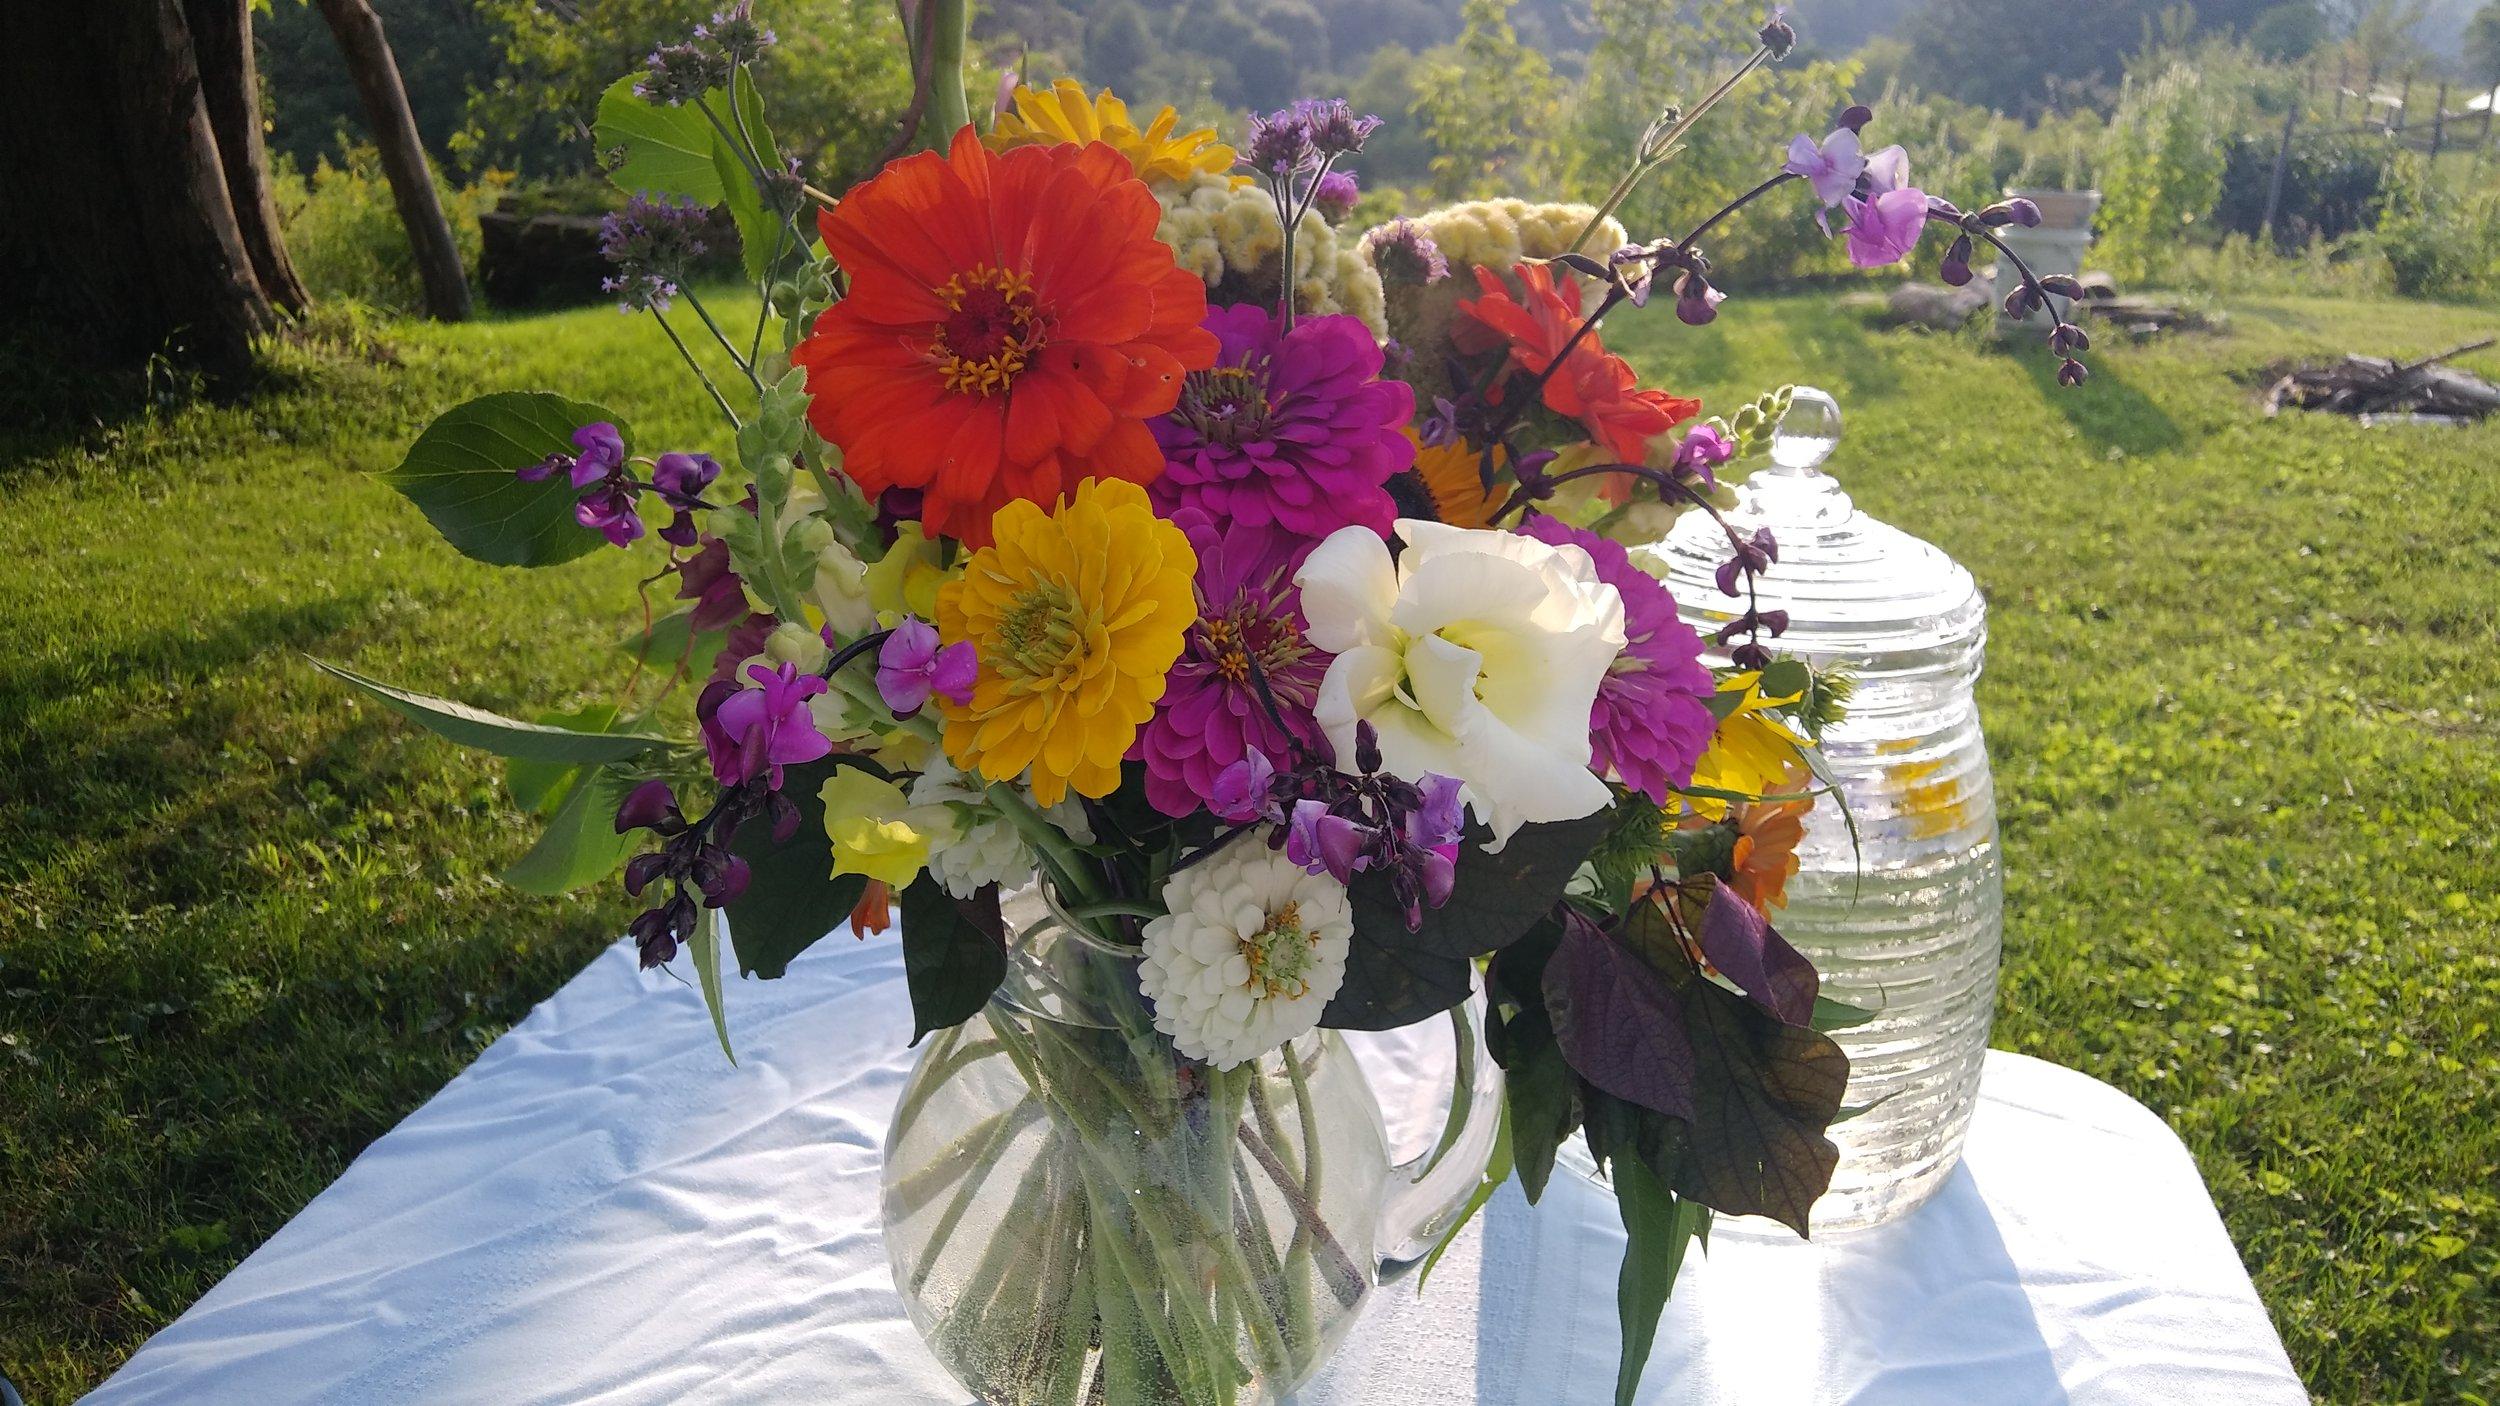 sunset bouquet 8 - 25-18.jpg